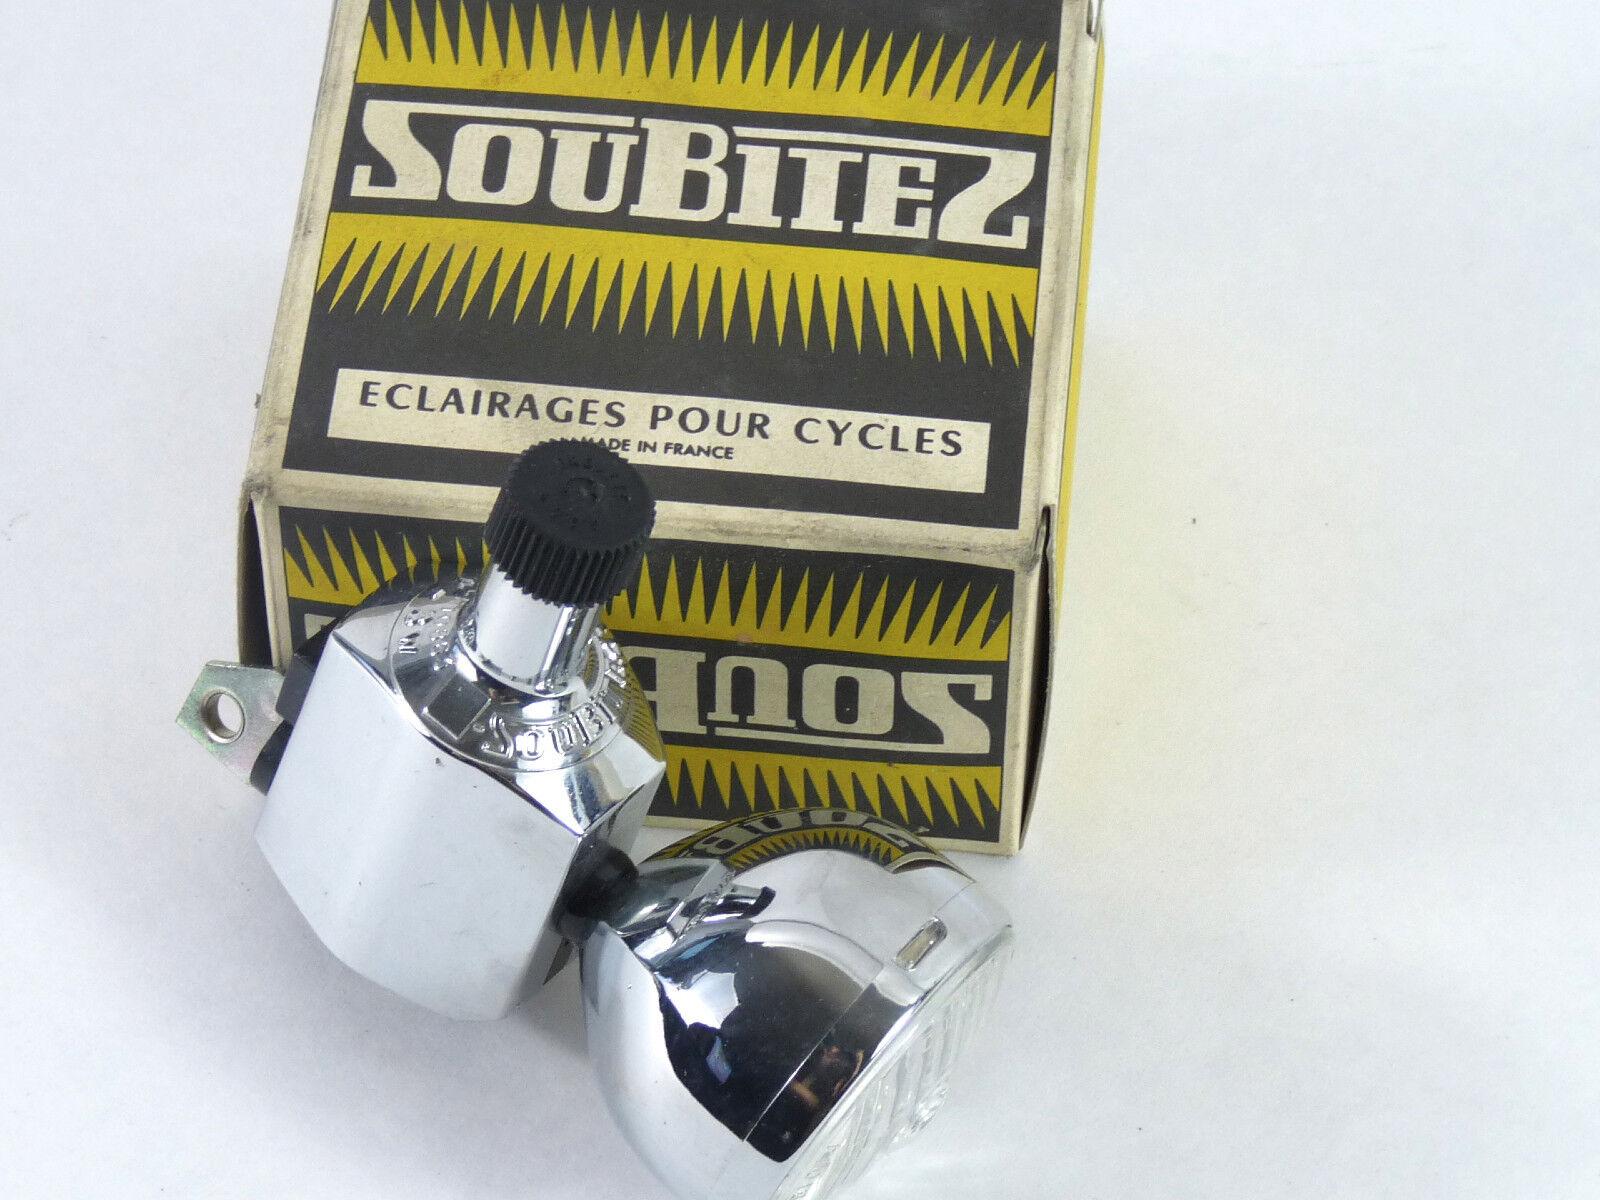 Soubitez Head Light W Generator Dynamo 120 102 Vintage Bike Herse Routens NOS